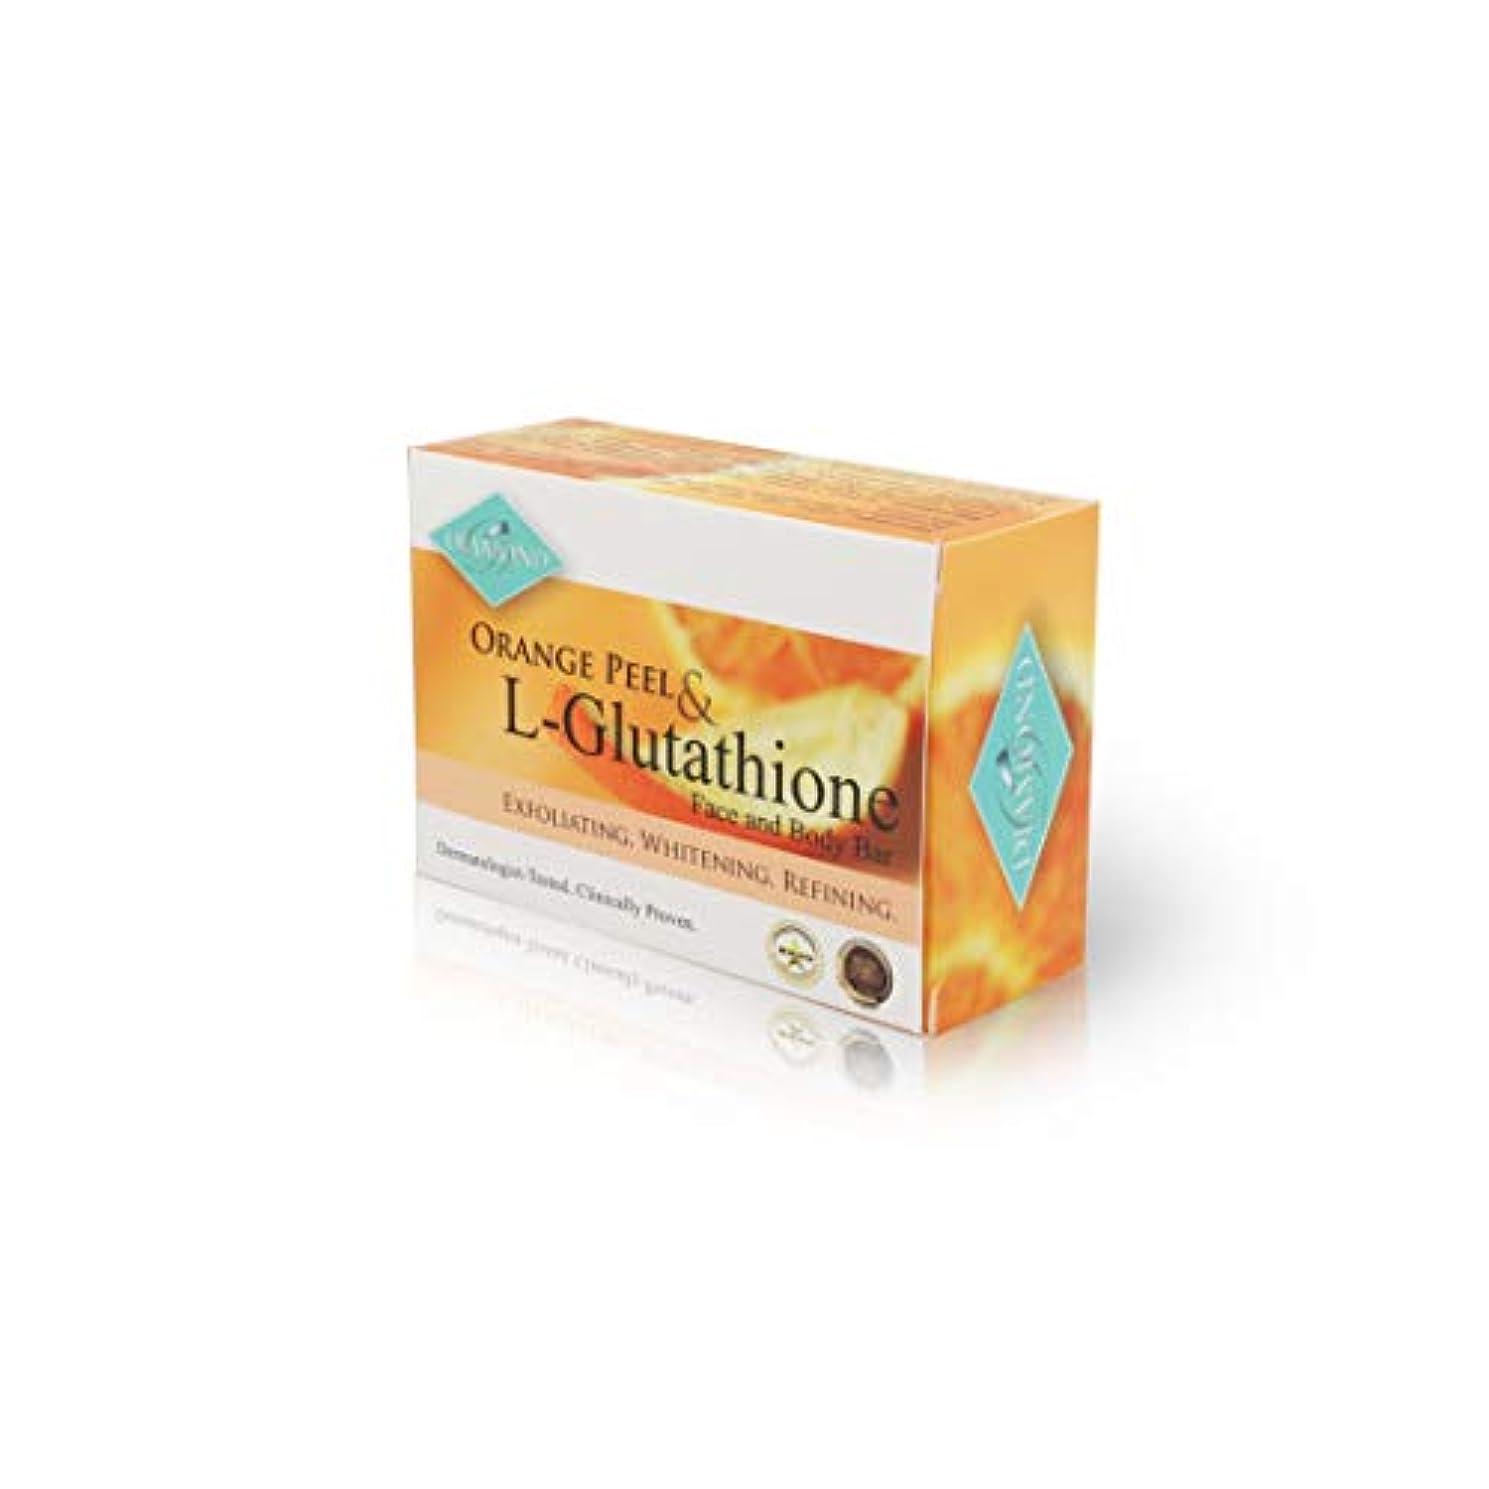 面喜劇興味DIAMOND ORANGE PEEL&Glutathione soap/オレンジピール&グルタチオン配合ソープ(美容石けん) 150g 正規輸入品